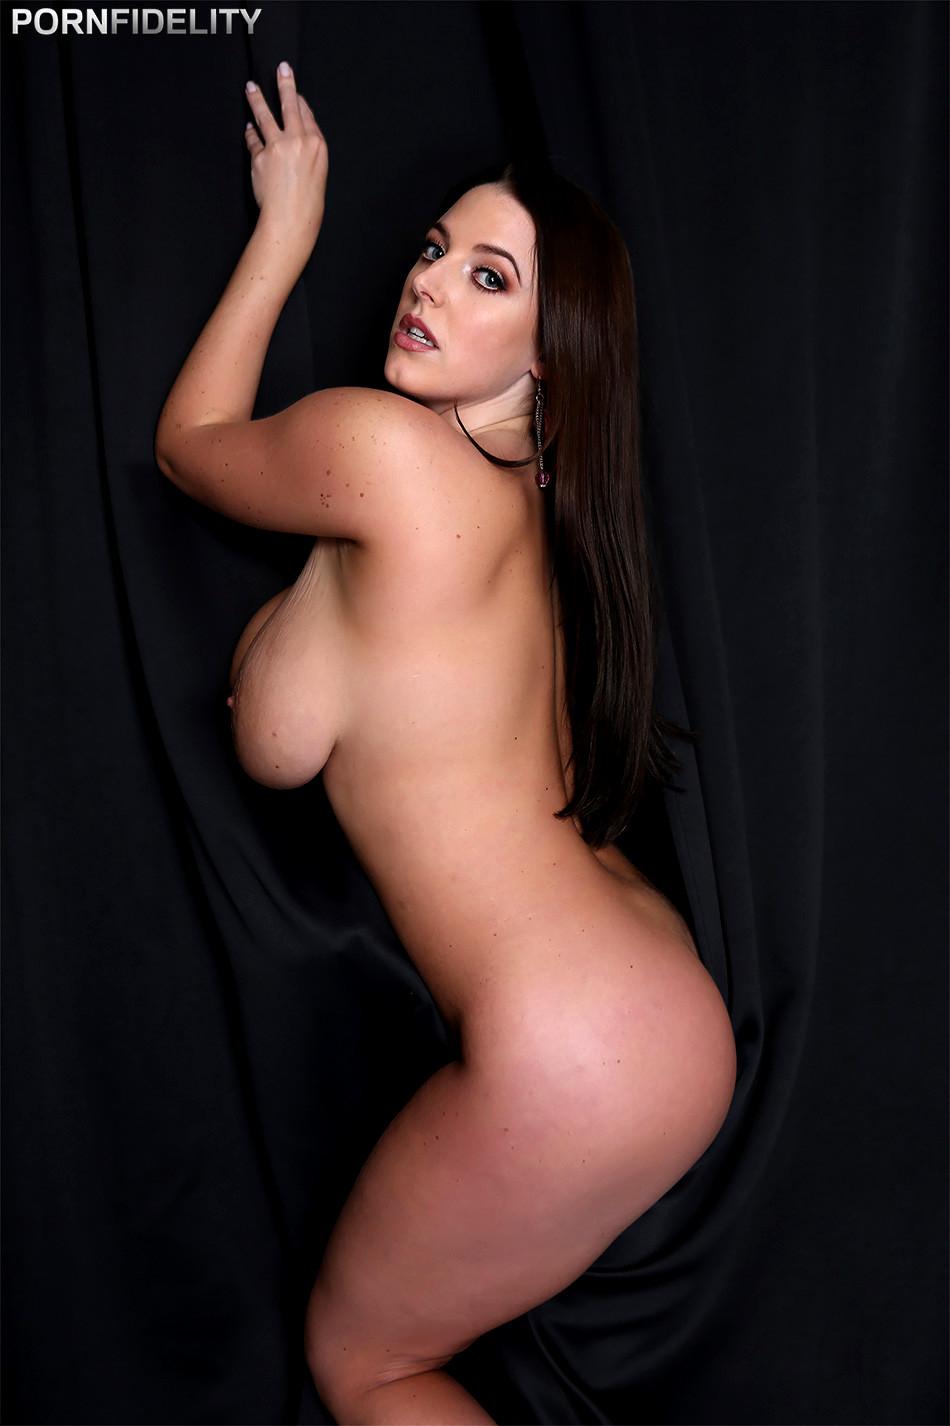 Porn Heute